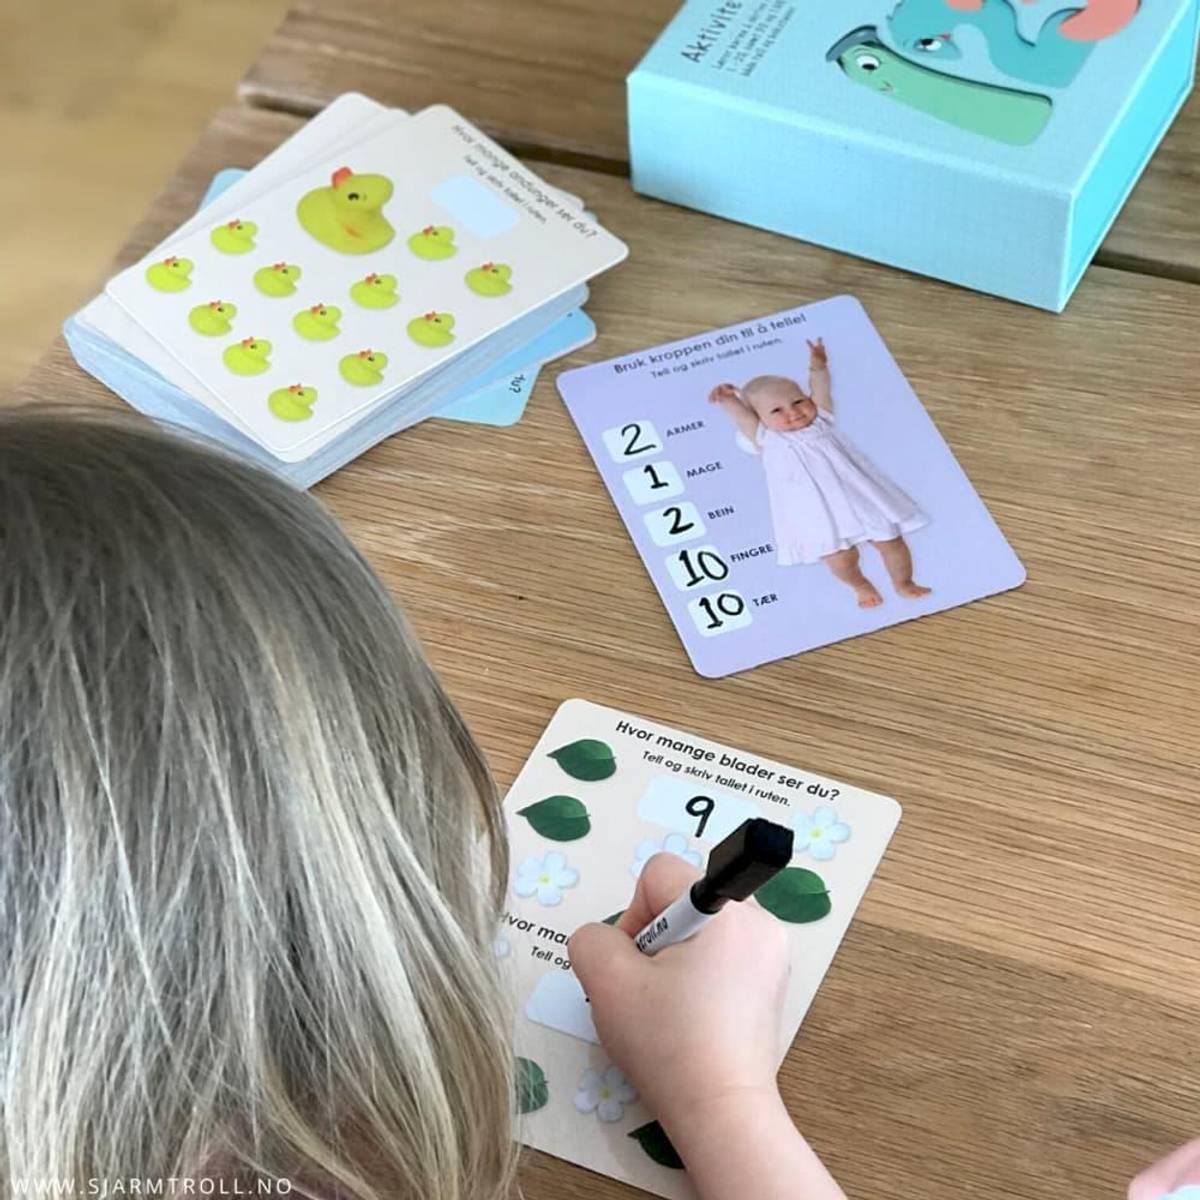 AKTIVITETSKORT 123 - Laminerte kort med tall, mengde og oppgaver